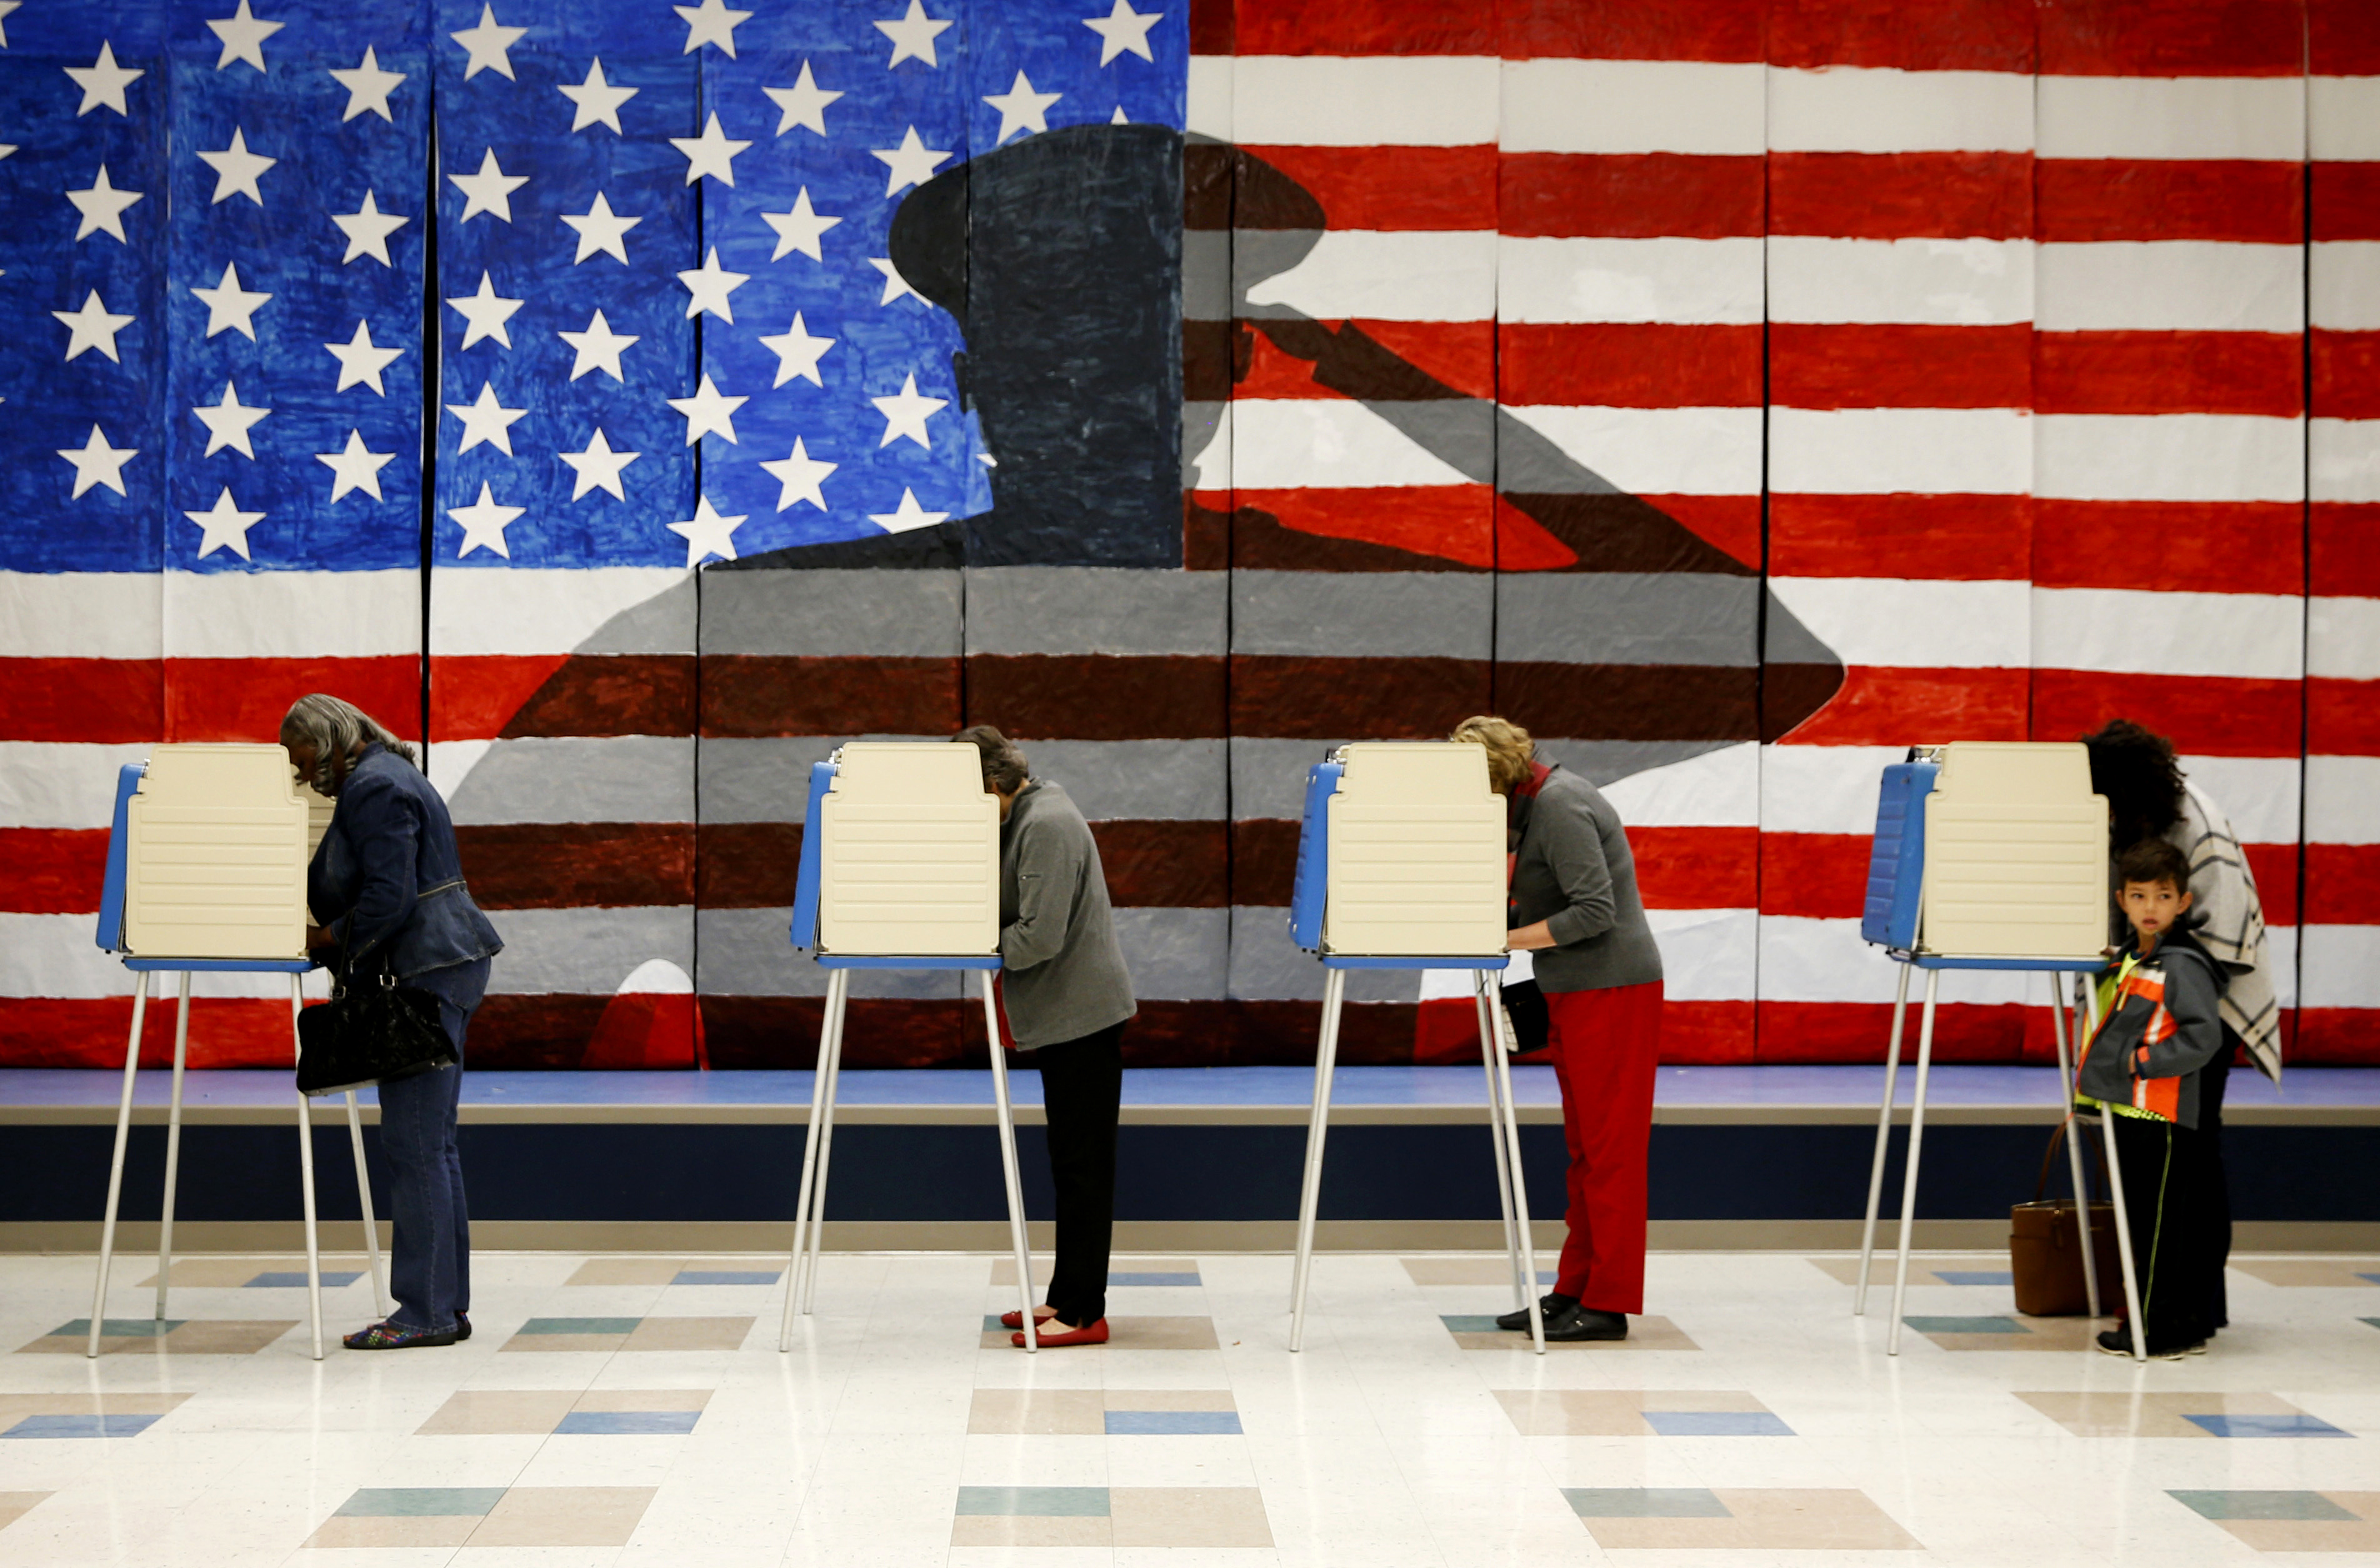 En fotos: la jornada electoral en Virginia